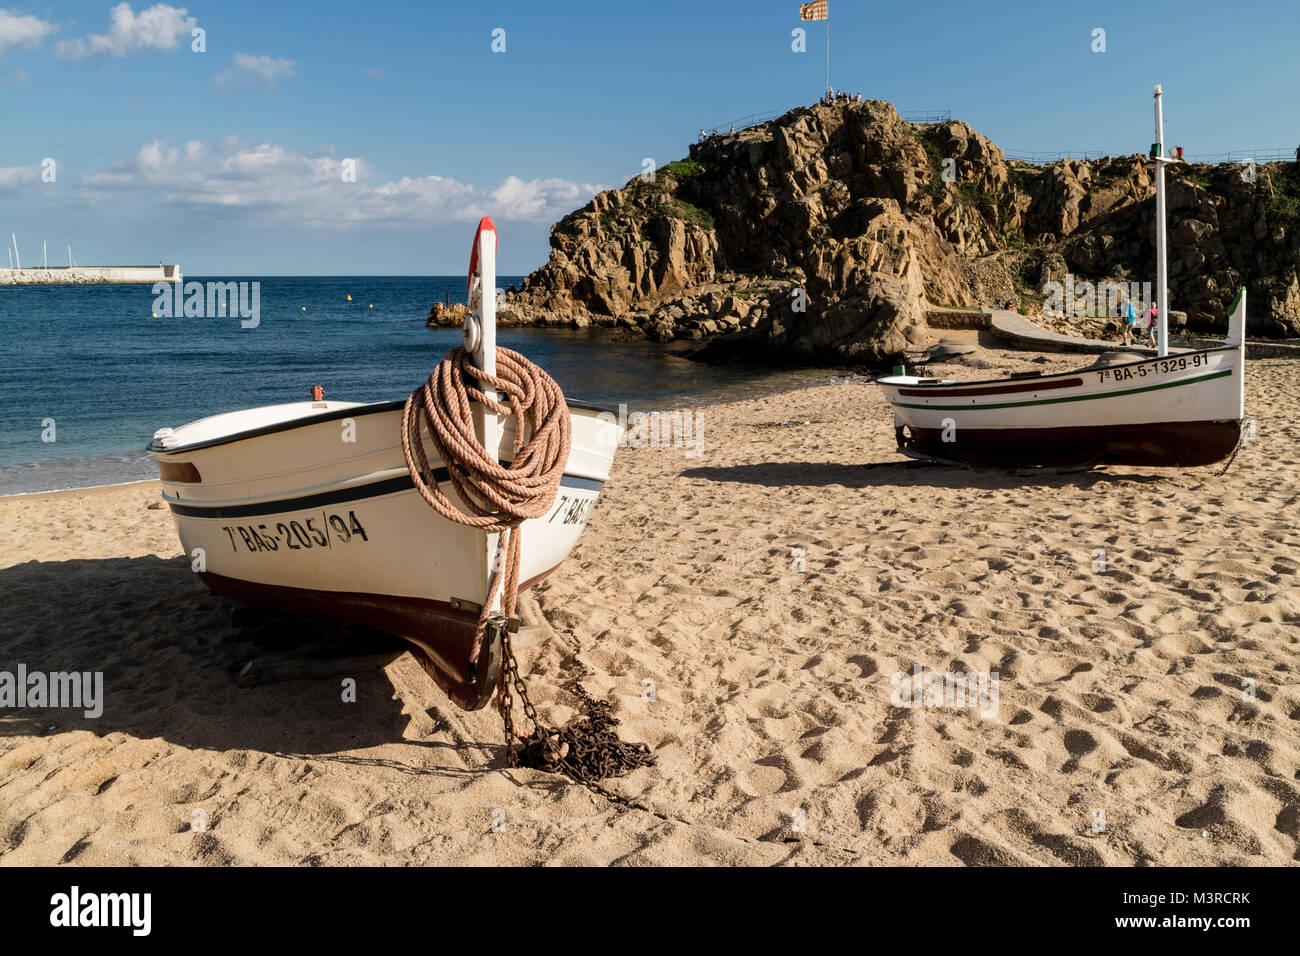 Blanes mit Booten am Strand, Blick auf die Felseninsel vor dem Strand, Fischerboote im Vordergrund - Stock Image